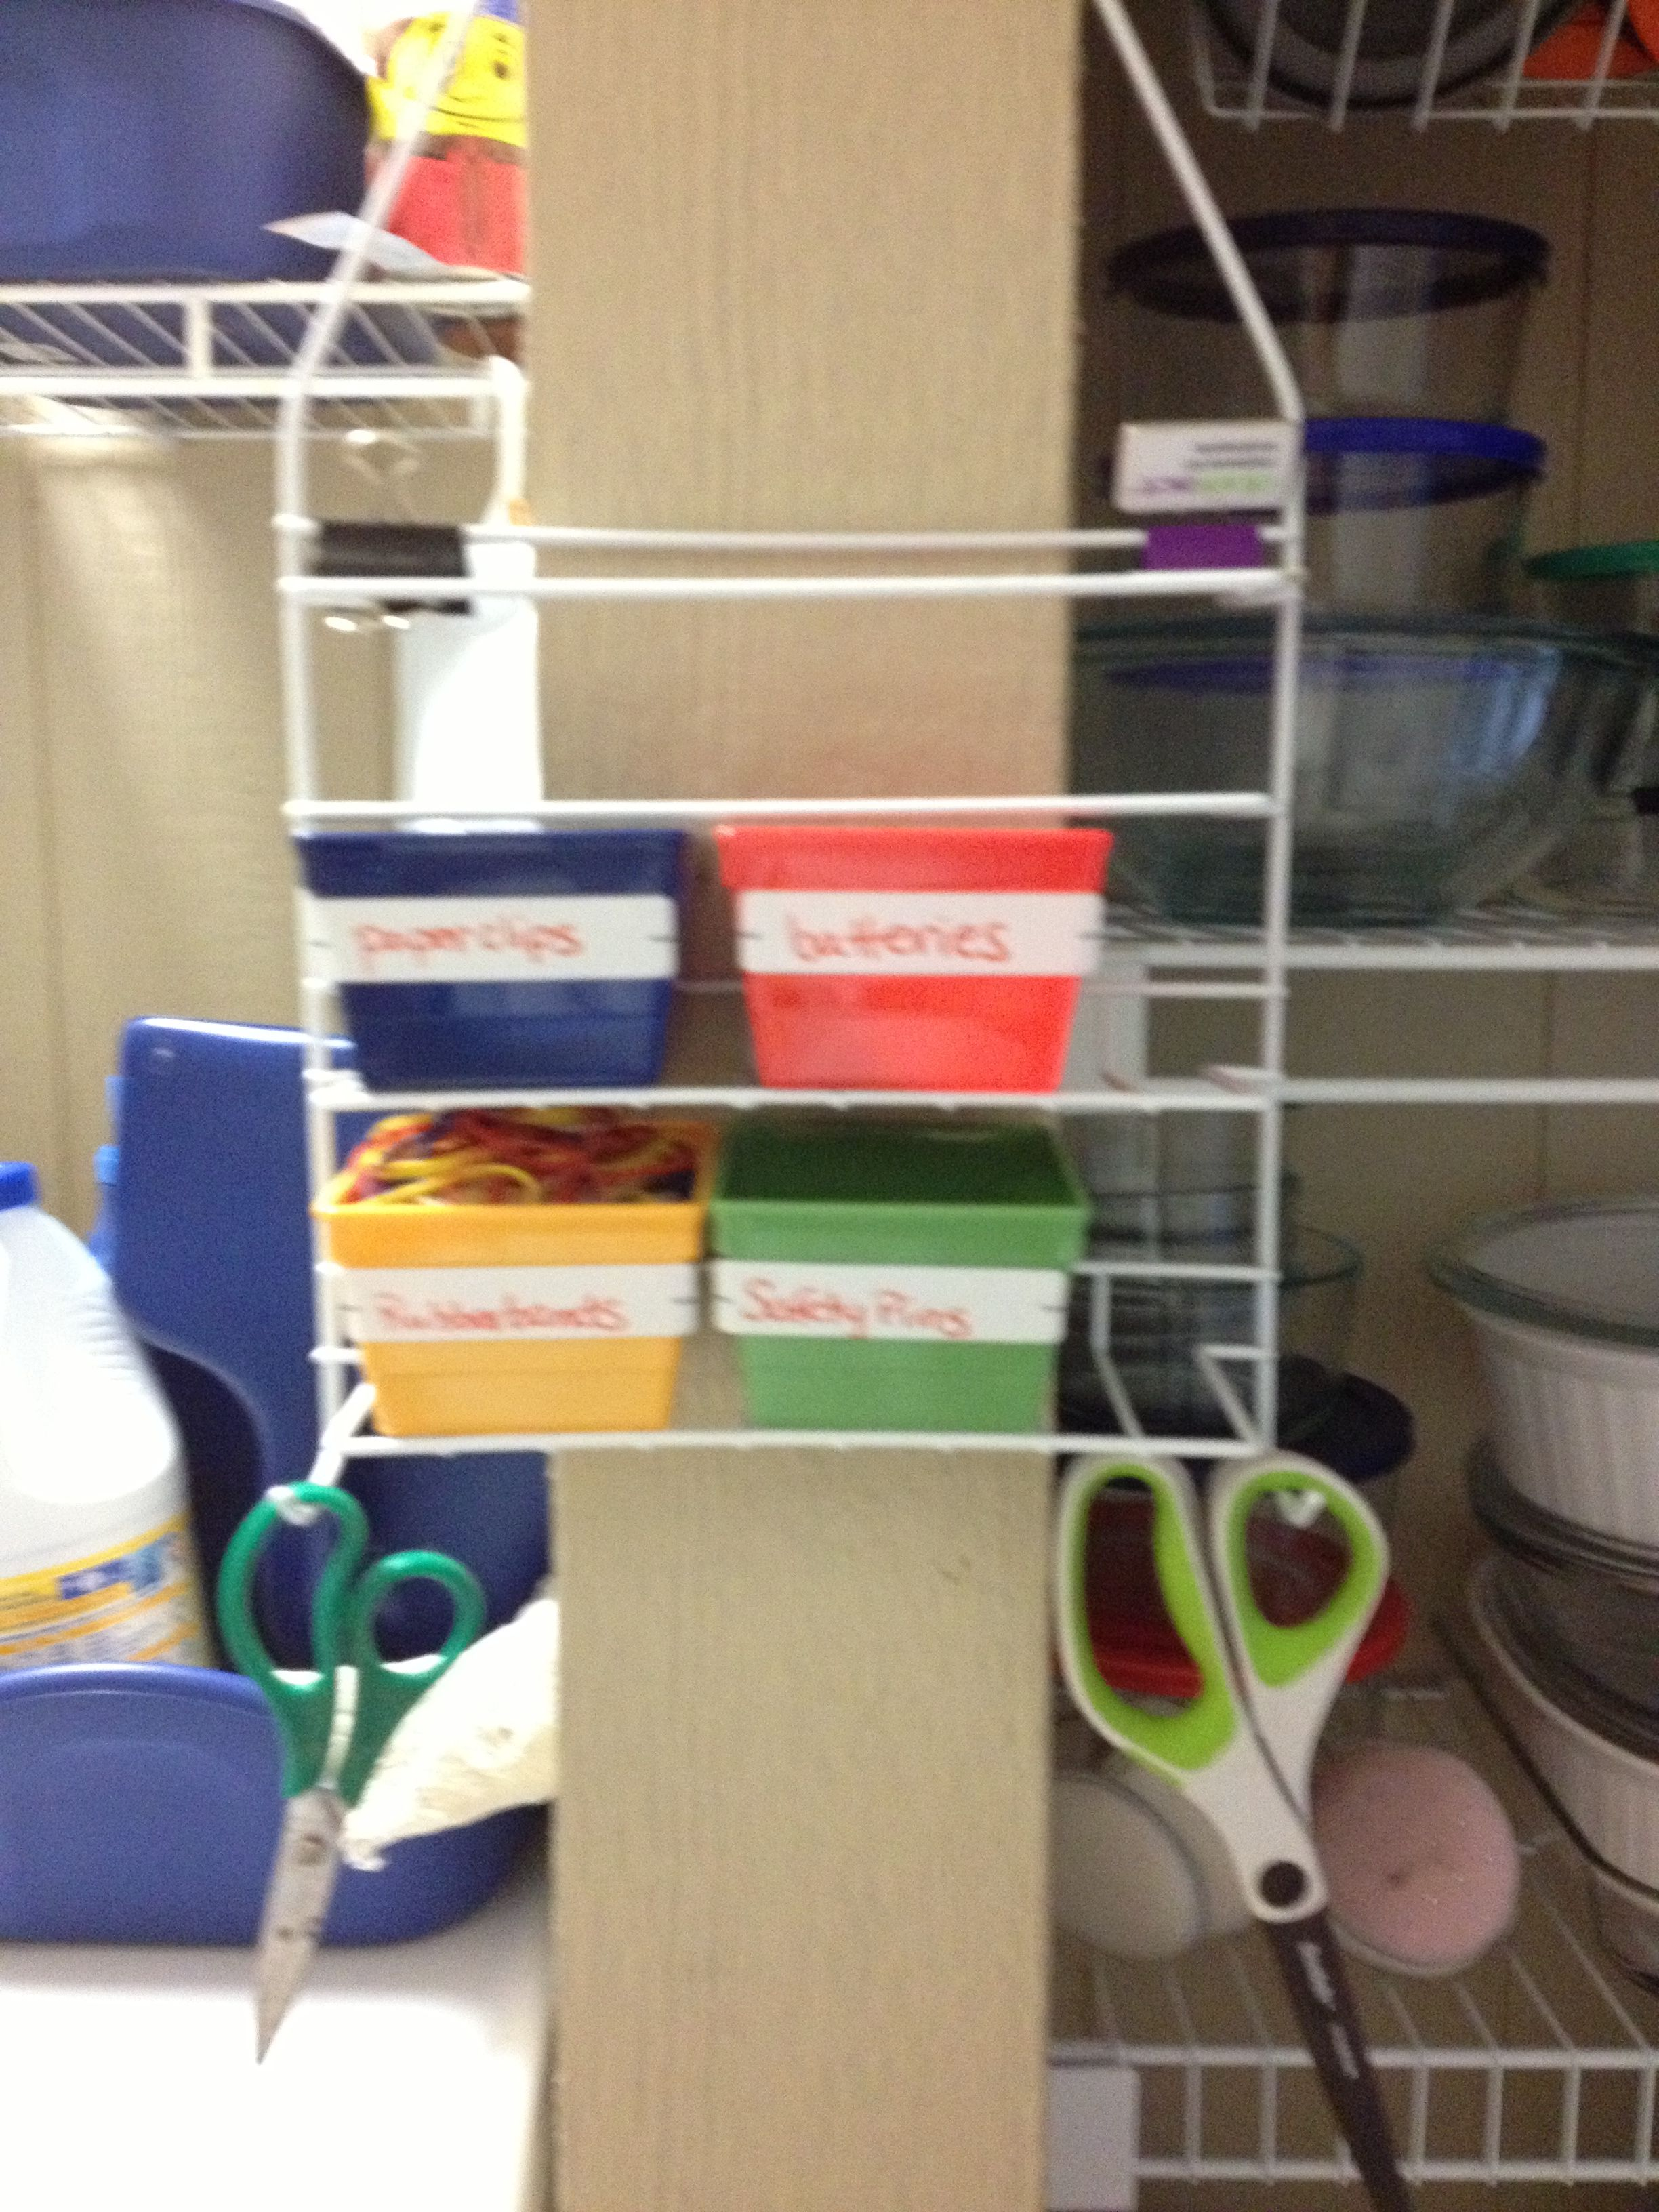 Shower caddy organizer! | Home Organization | Pinterest | Shower ...